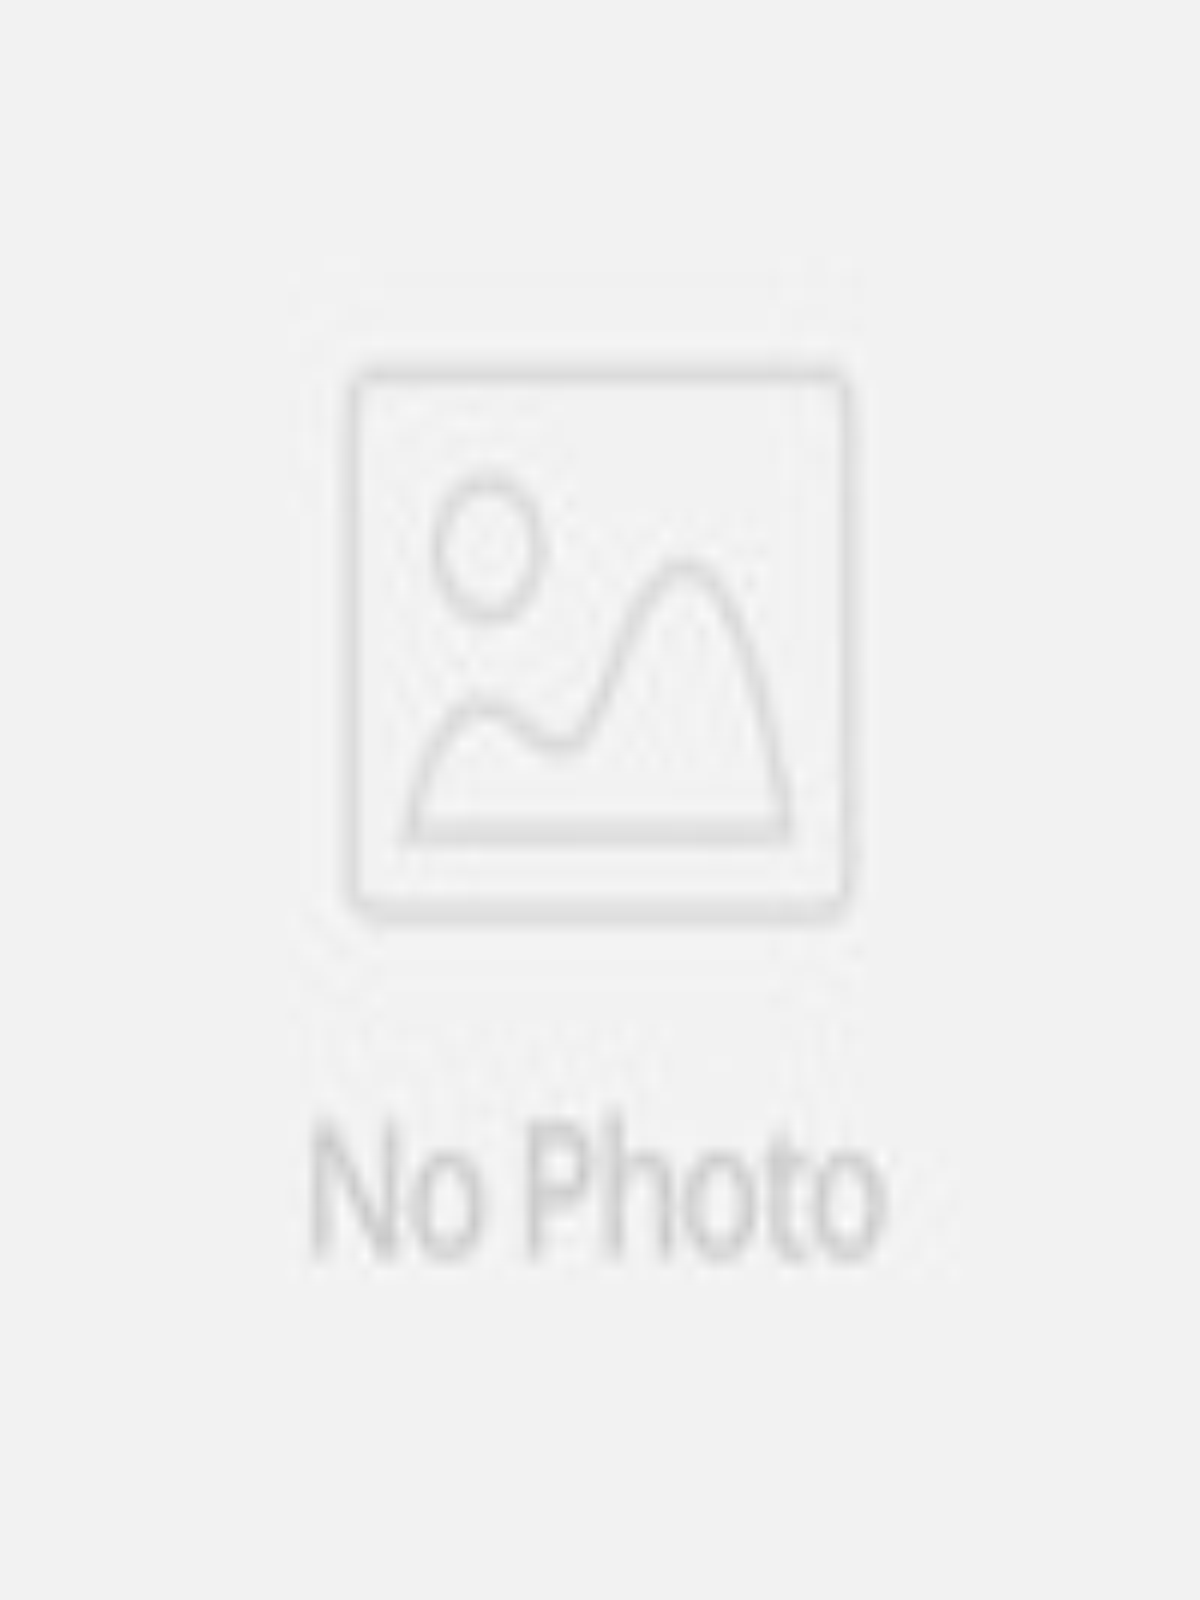 #4F4359 Alumínio janela de guilhotina Janelas ID do produto:235770921  4400 Janela Aluminio Marcas